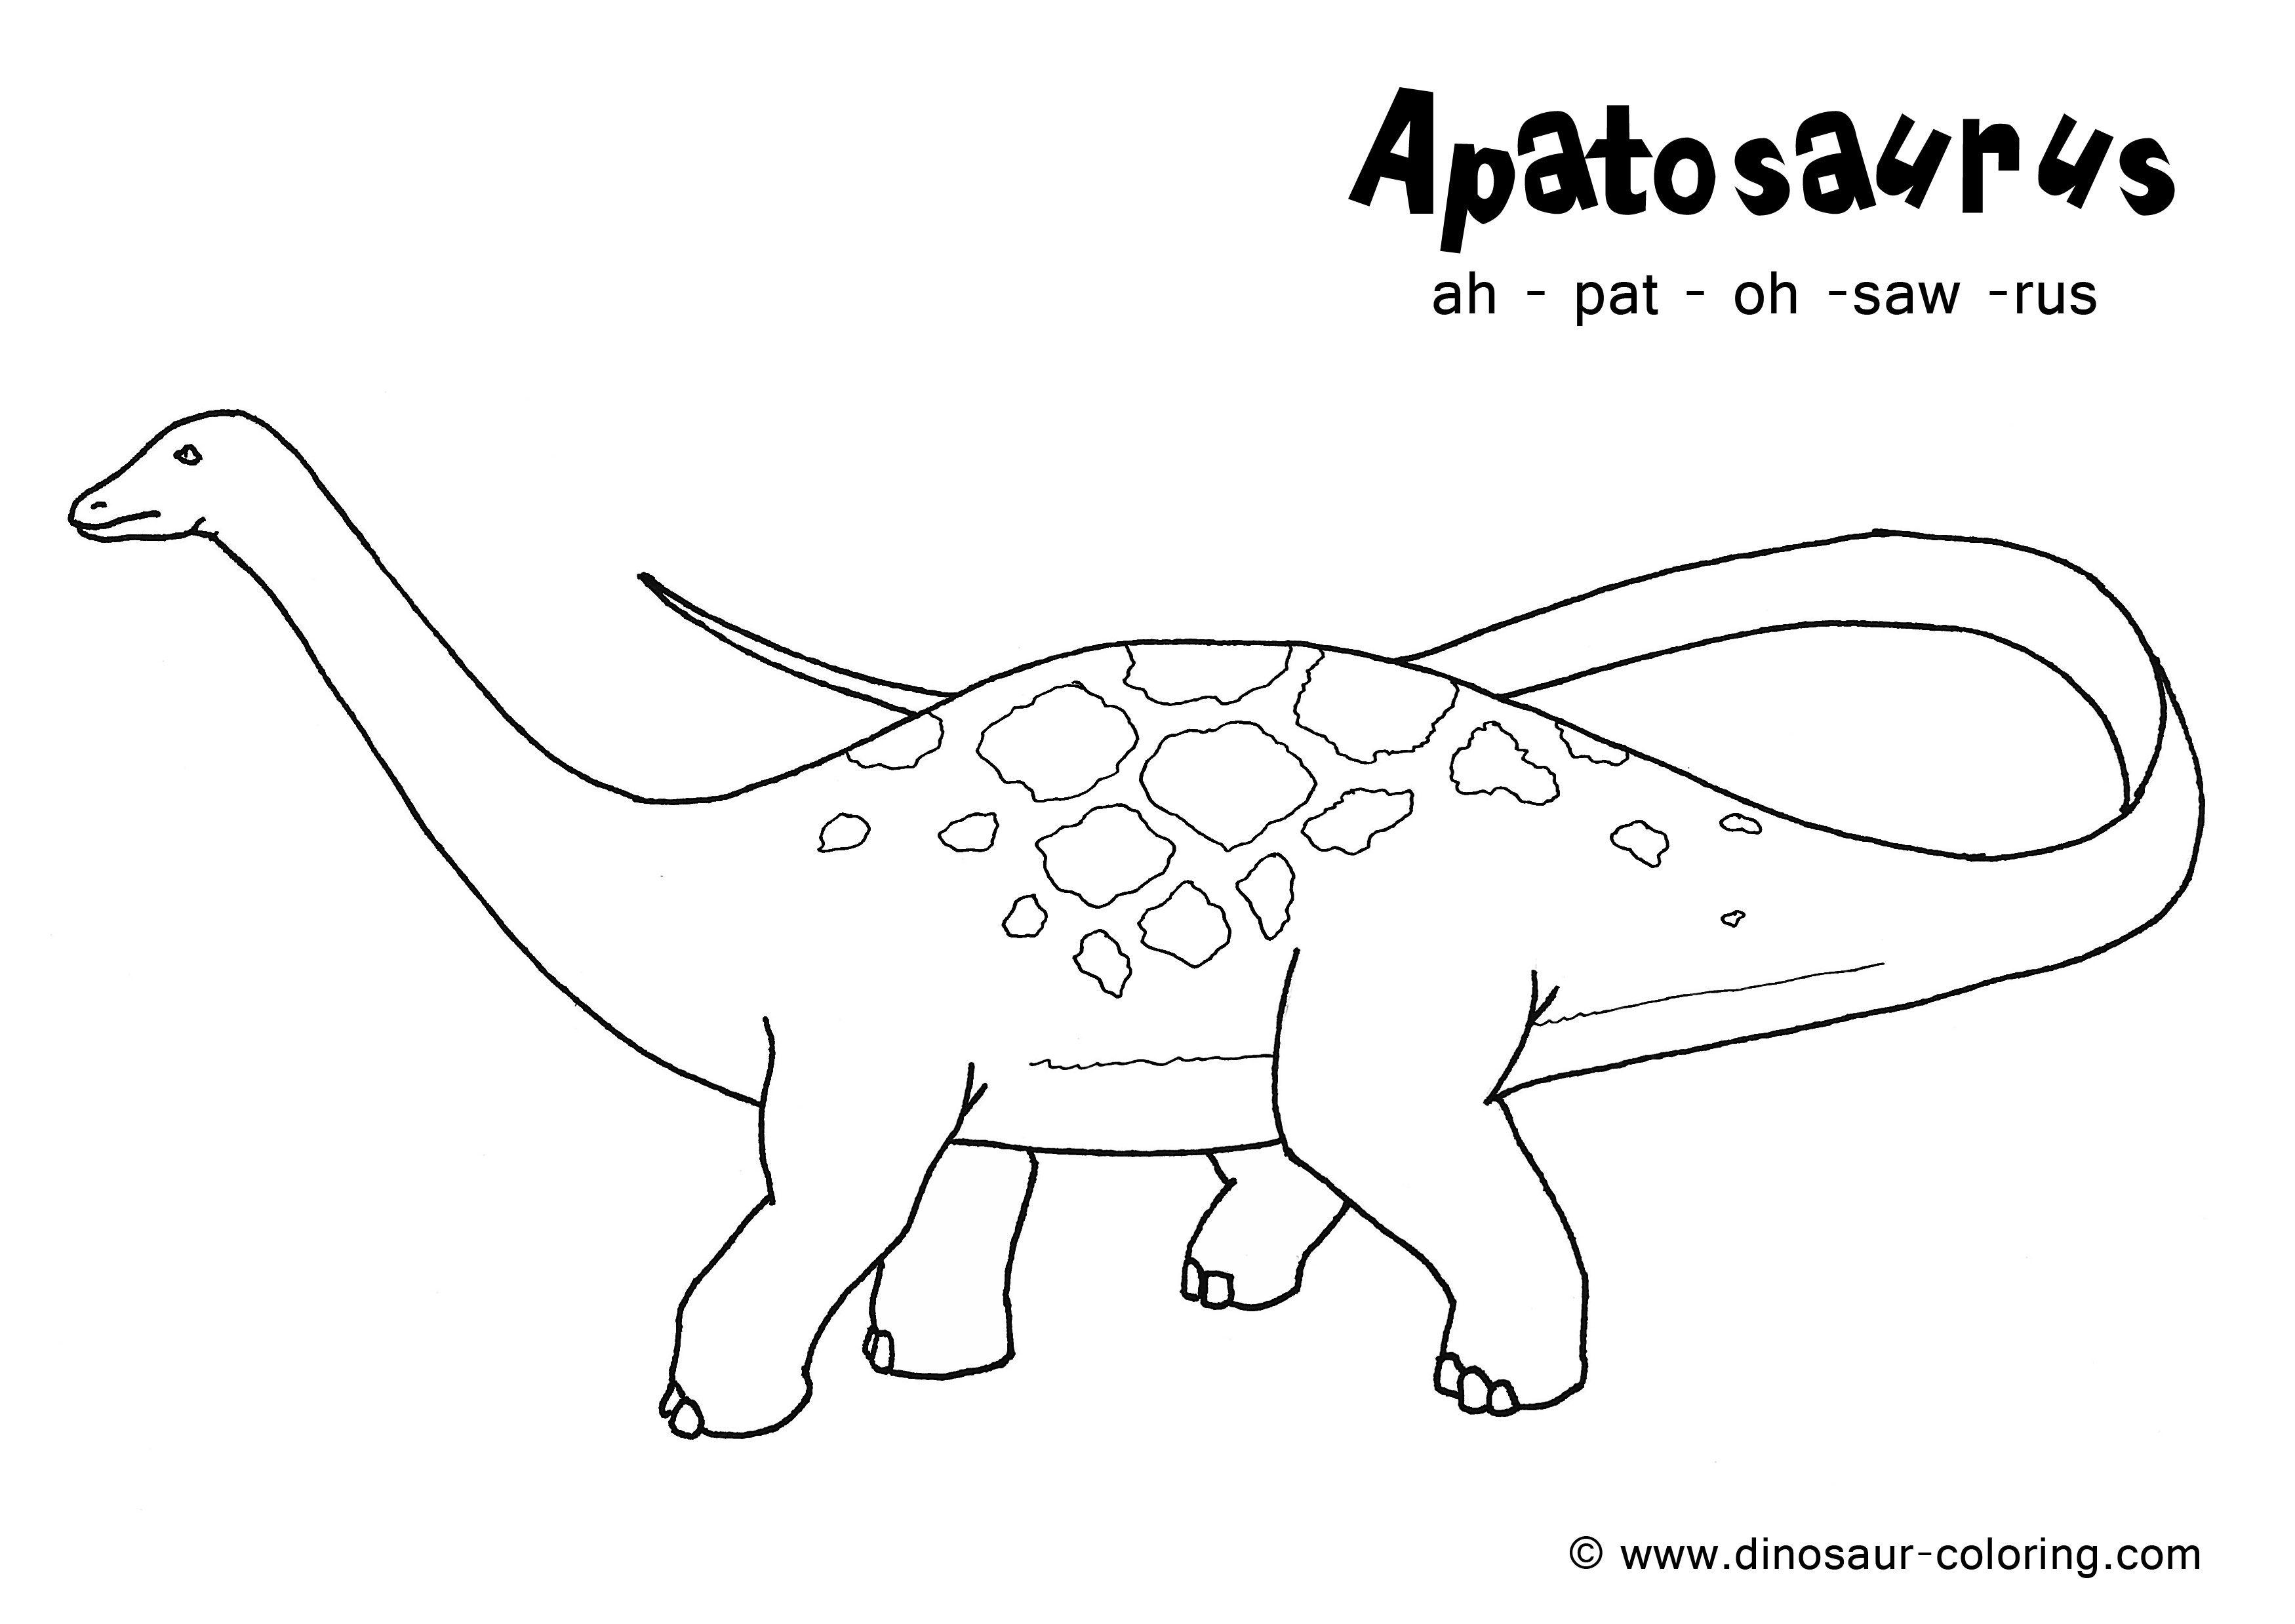 Apatosaurus Dinosaur Coloring Dinosaur Coloring Pages Coloring